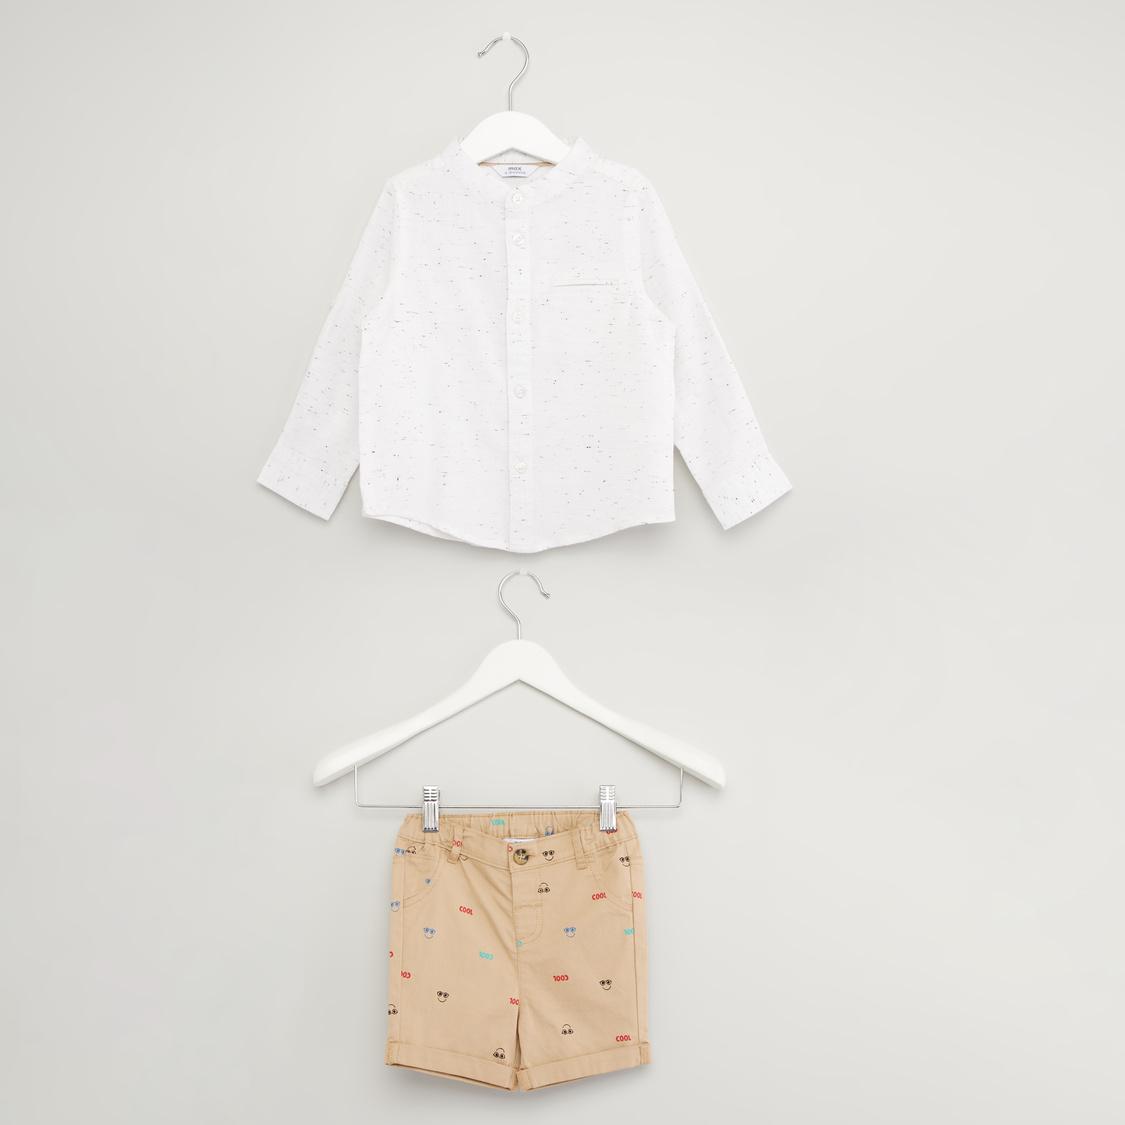 Printed Long Sleeves Shirt with Shorts